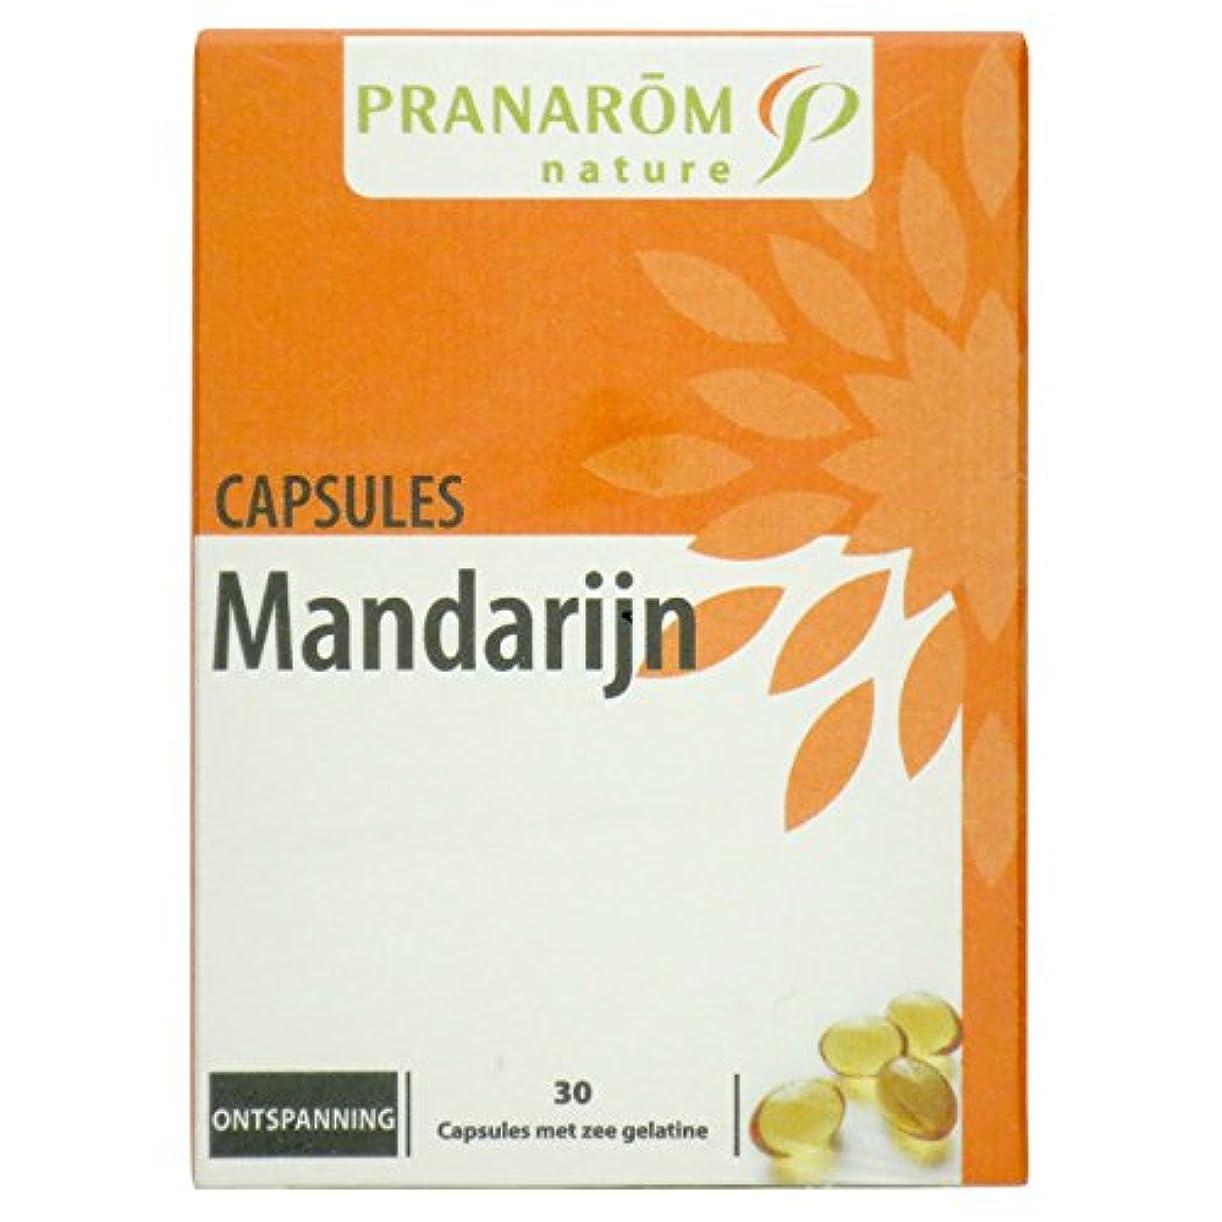 麻痺資金大プラナロム マンダリンカプセル 30粒 (PRANAROM サプリメント)